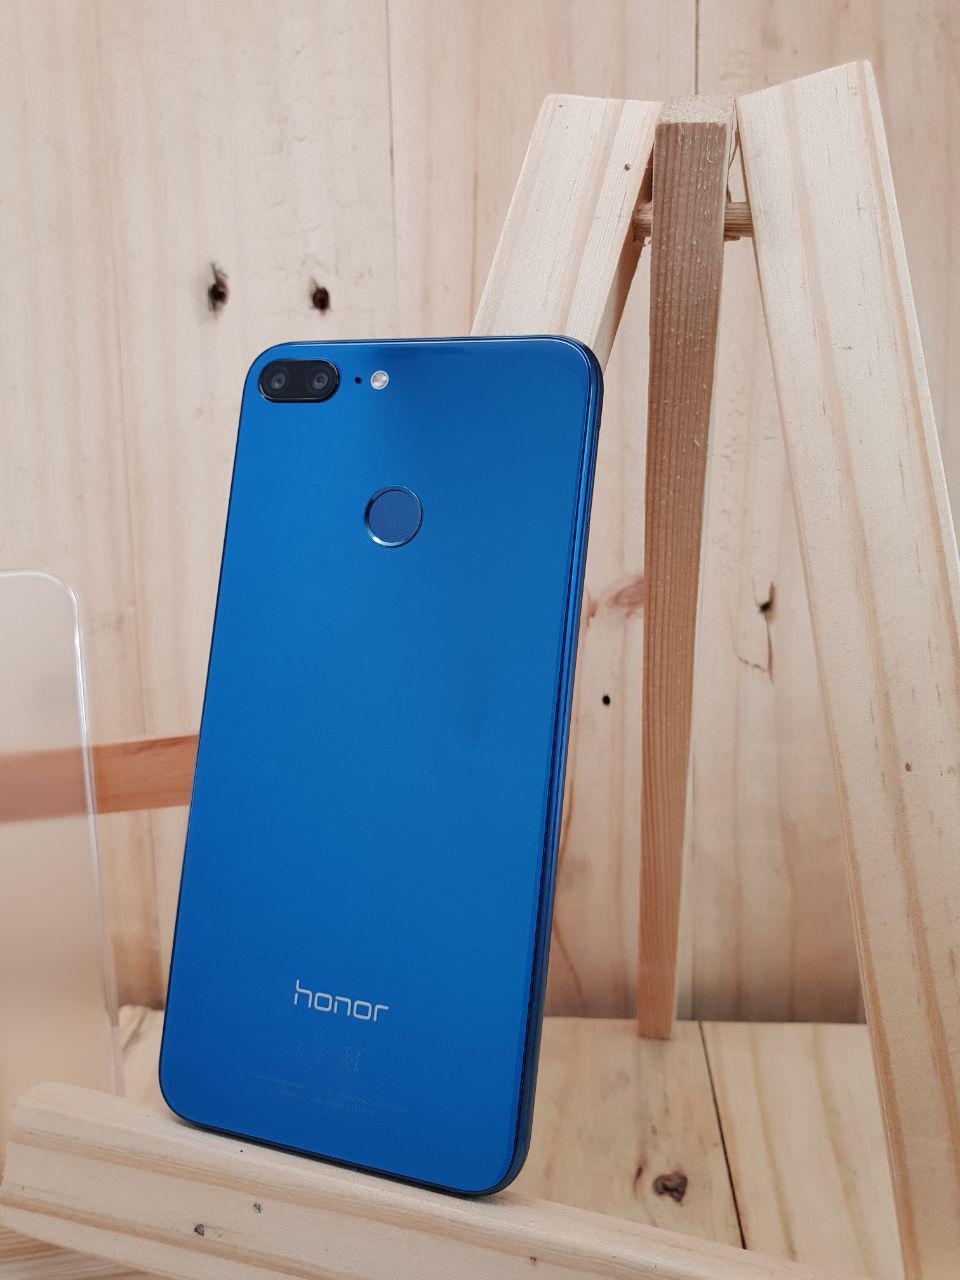 Finishing kaca yang reflektif ini membuat warna birunya benar-benar  mengkilat b9415b50e4